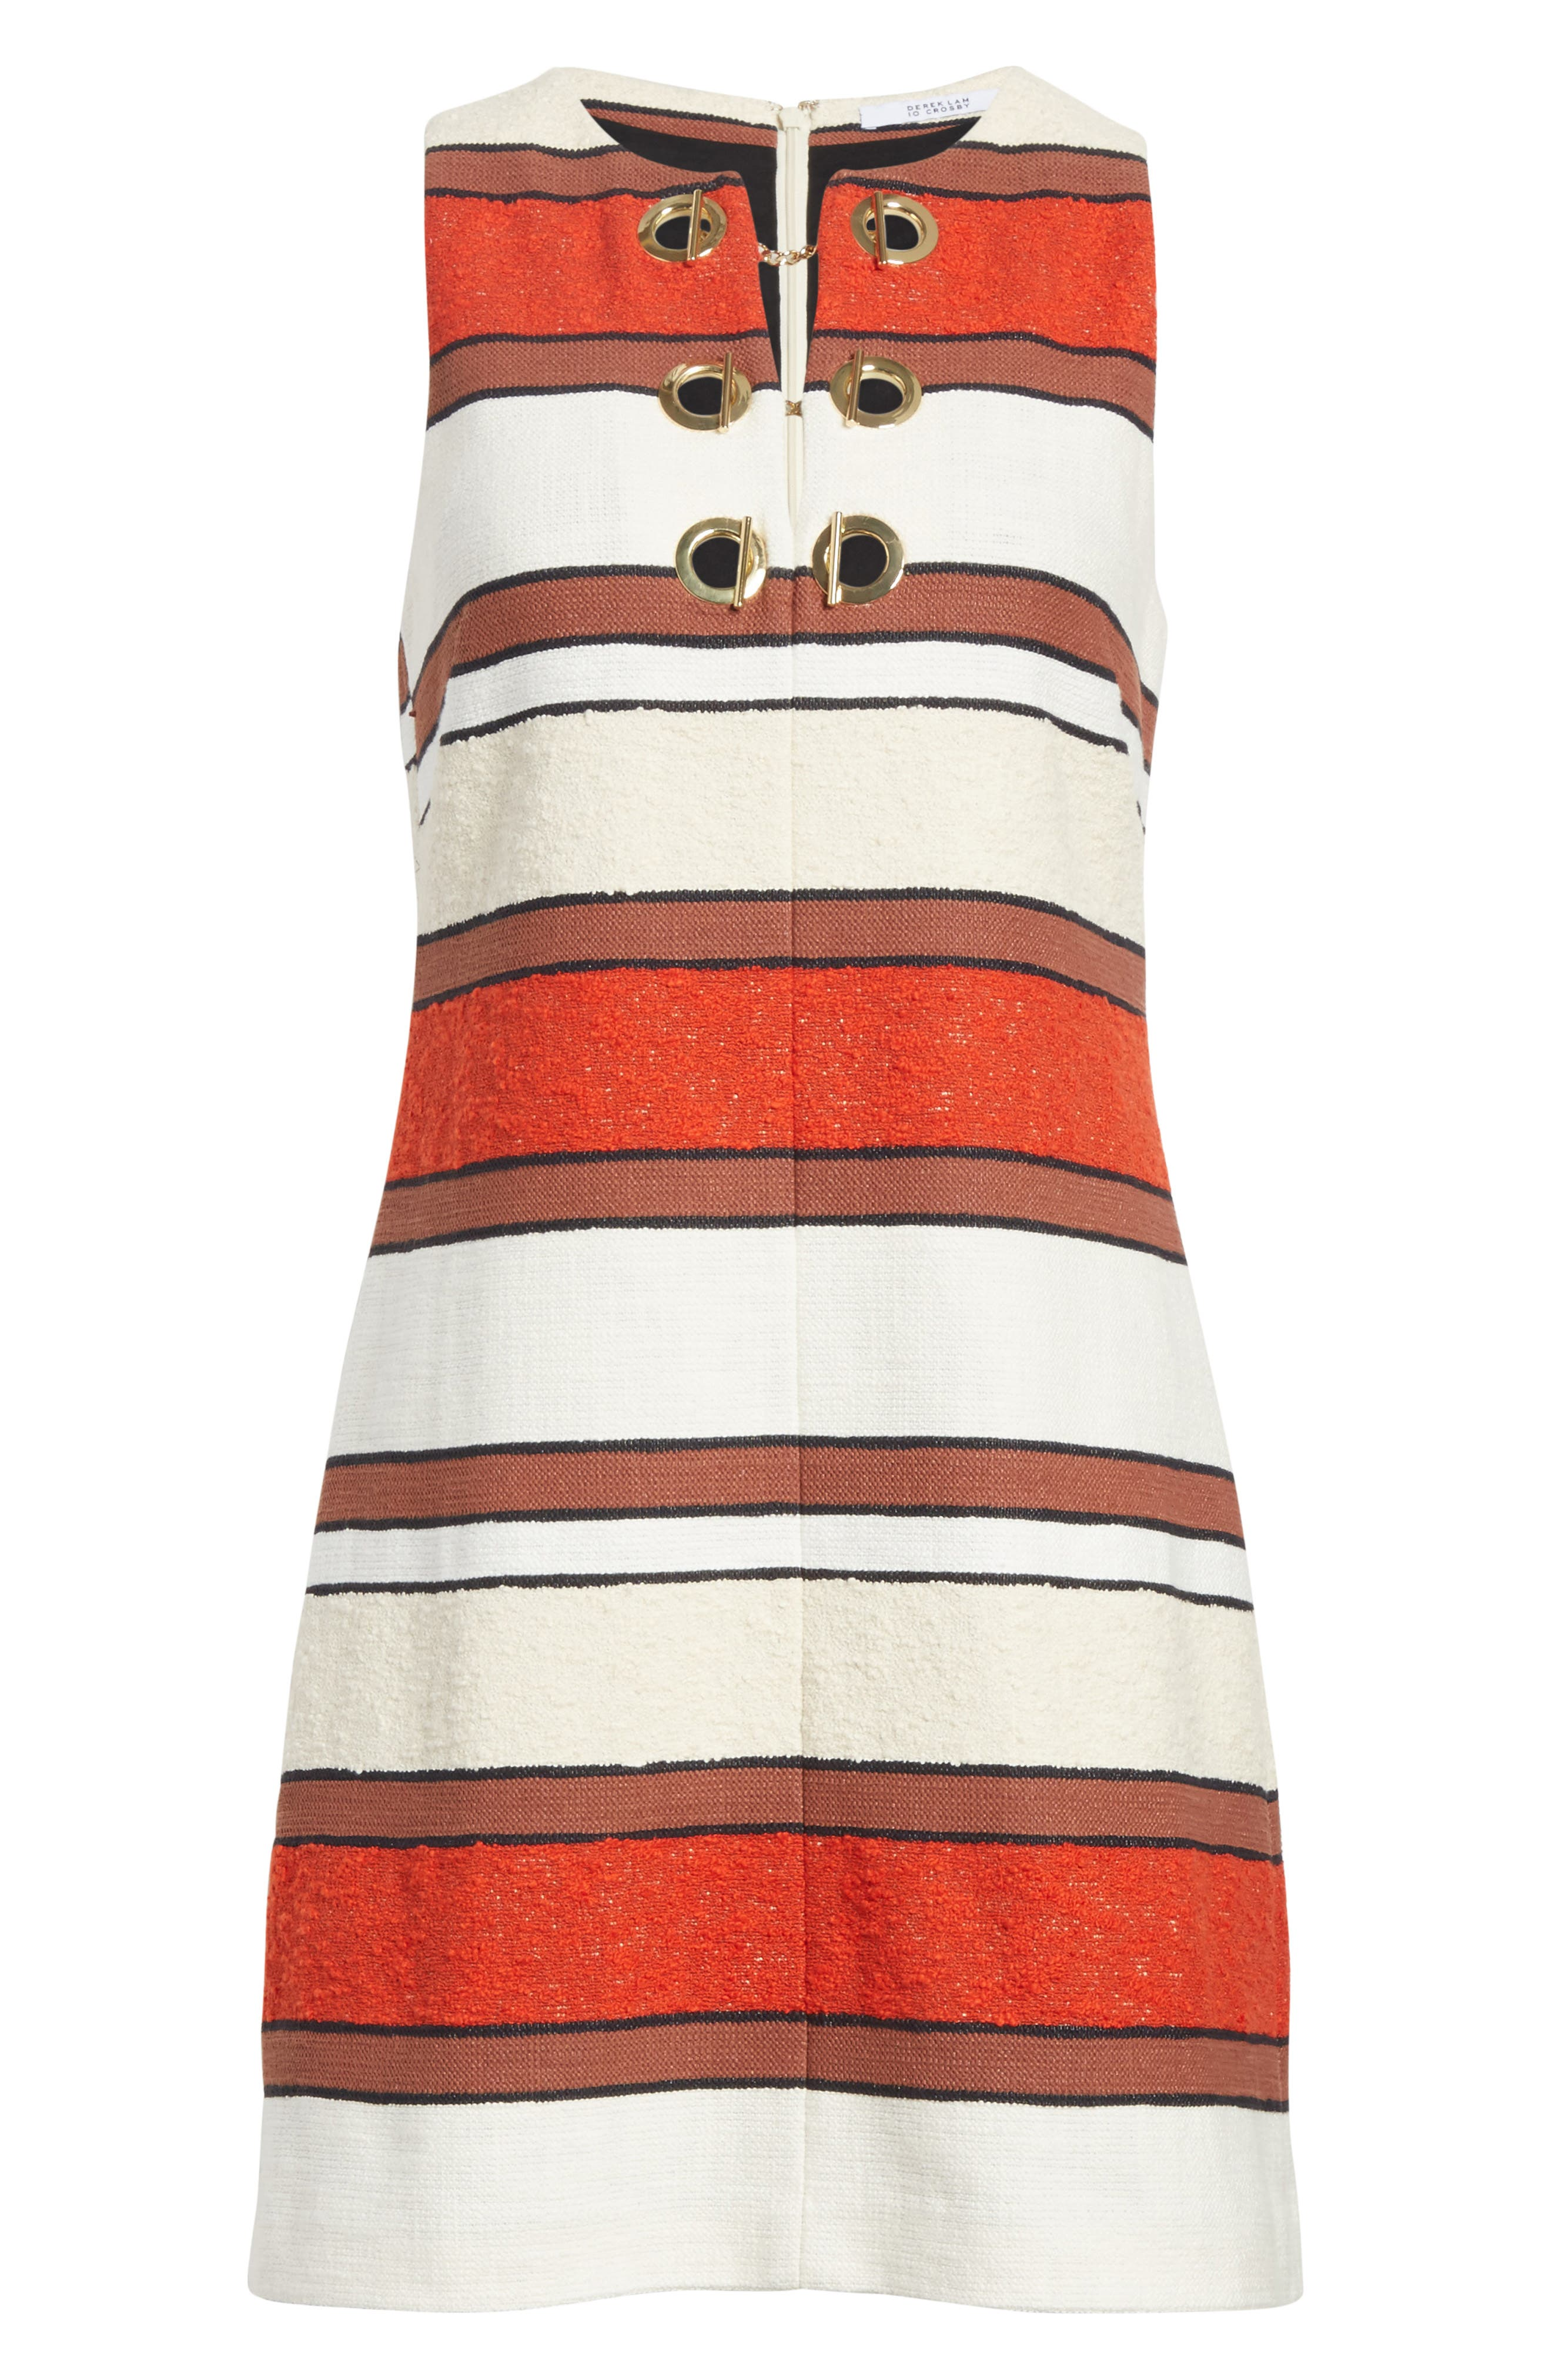 Grommet Detail Stripe Shift Dress,                             Alternate thumbnail 6, color,                             621